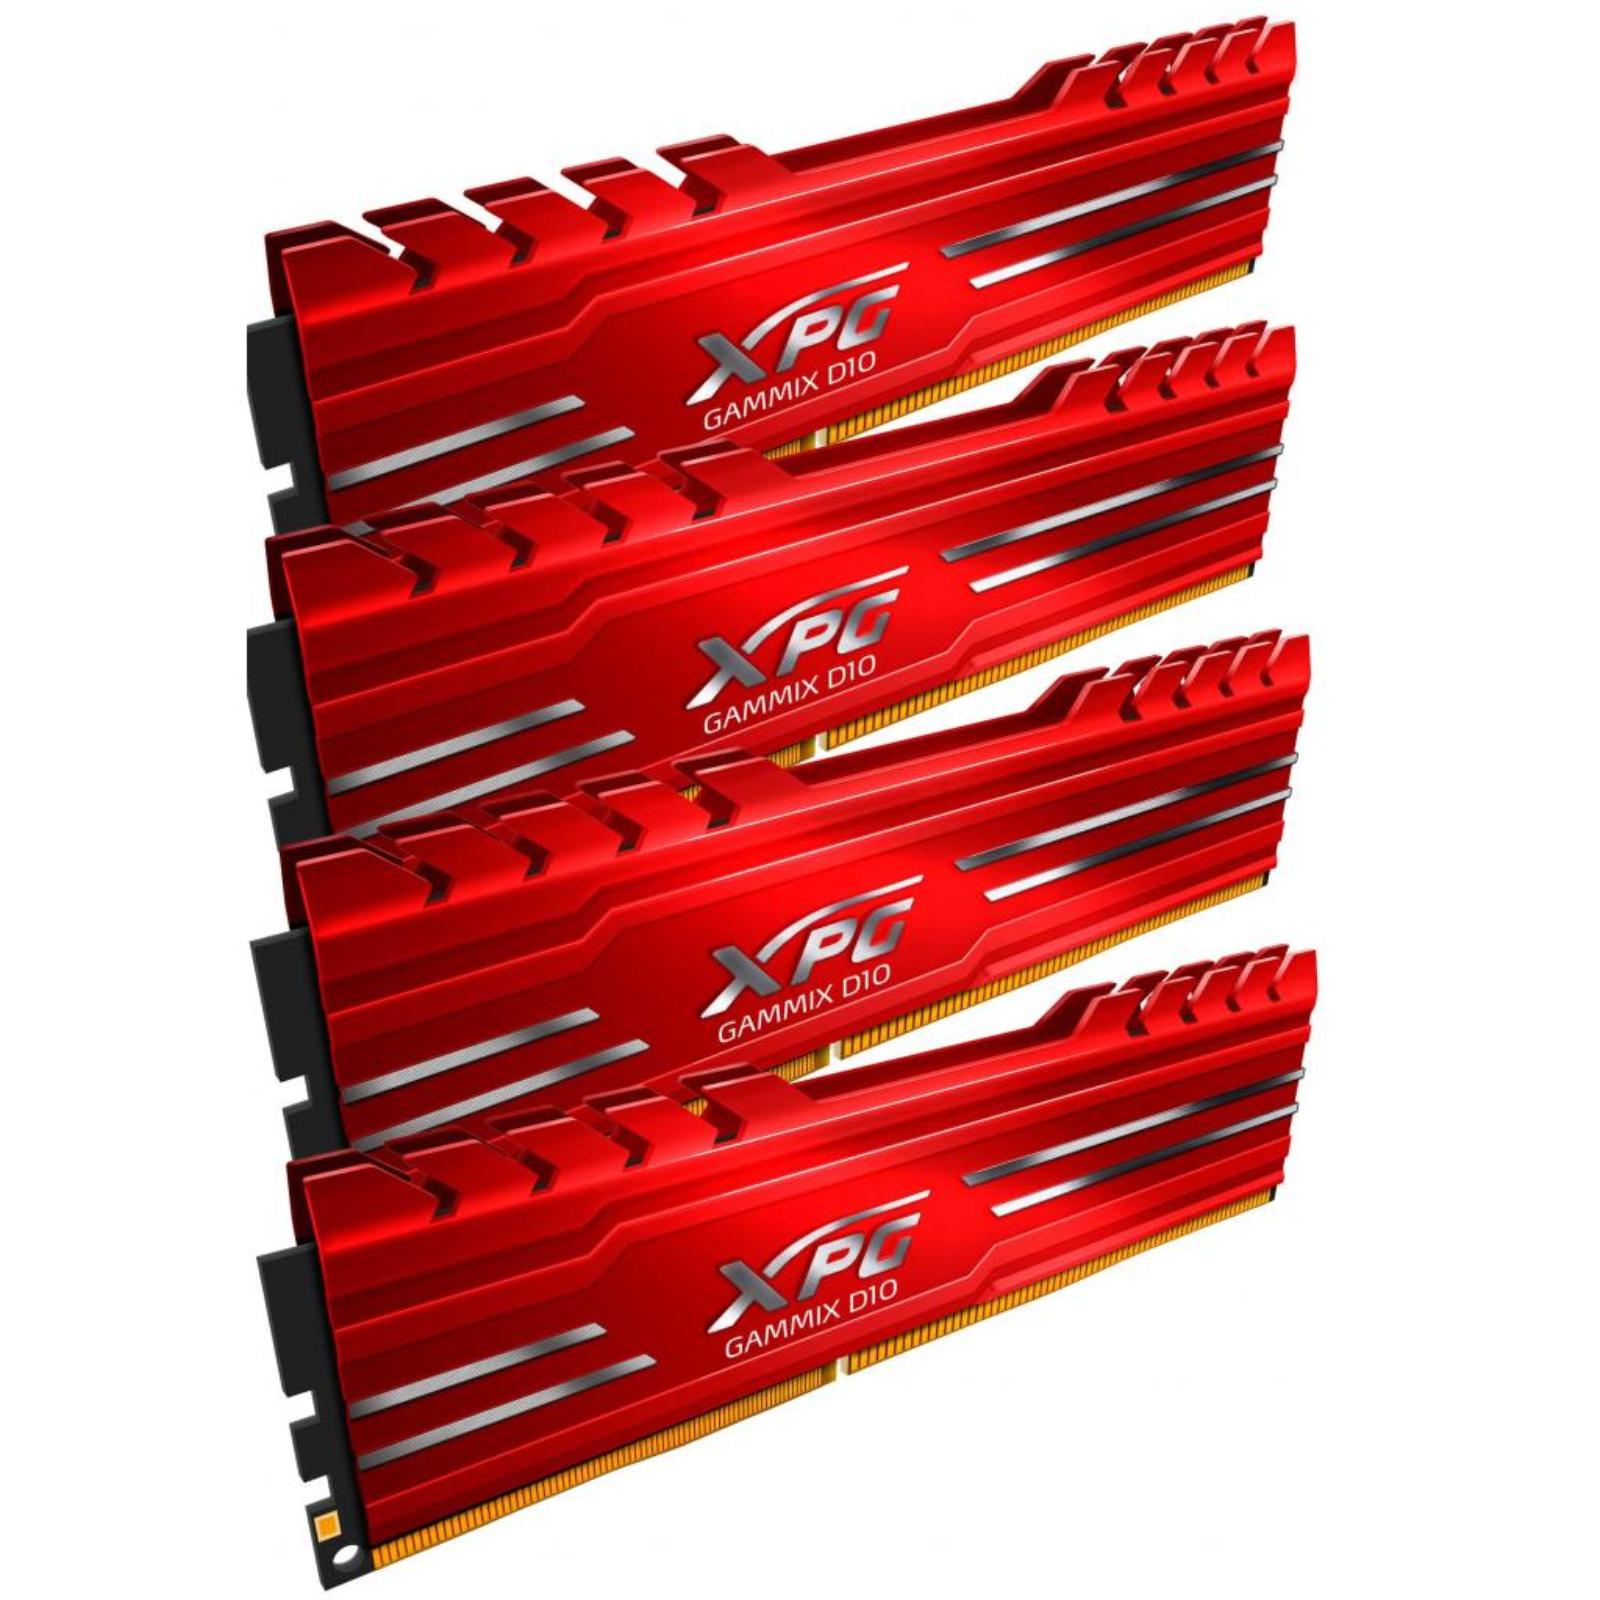 Модуль памяти для компьютера DDR4 16GB (4x4GB) 3000 MHz XPG Gammix D10 Red ADATA (AX4U3000W4G16-QRG) изображение 2